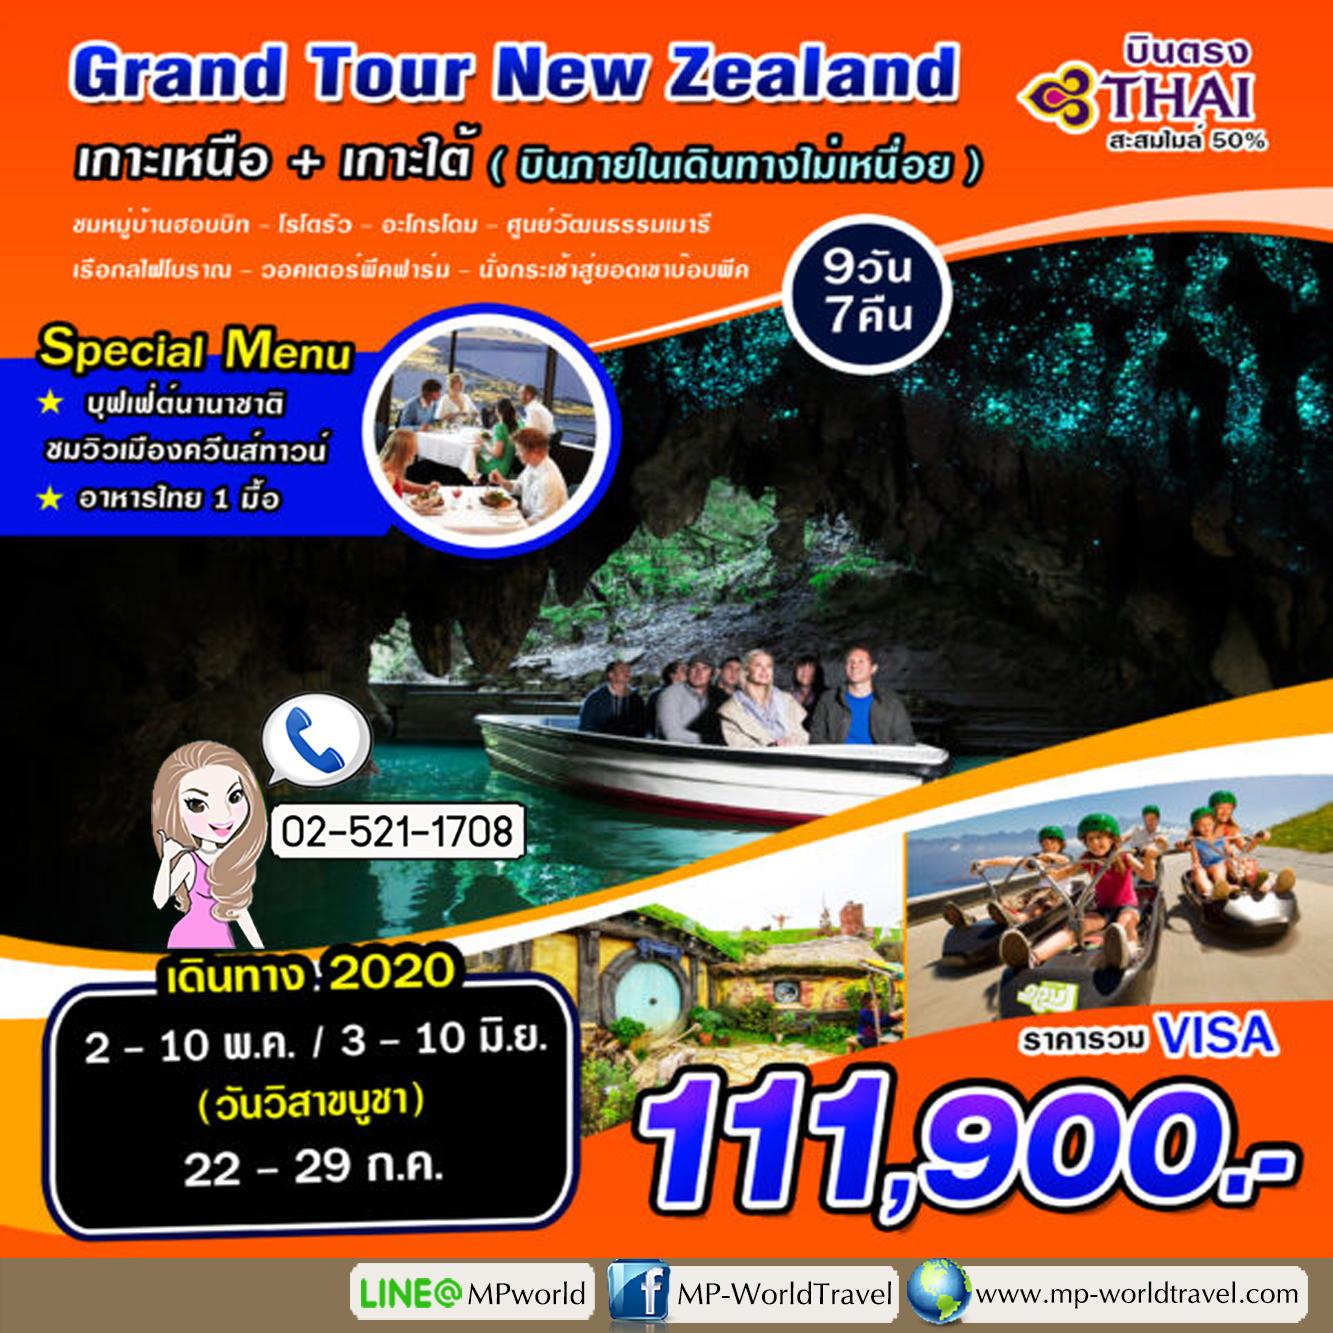 ทัวร์นิวซีแลนด์ Amazing New Zealand Tour 7 Days